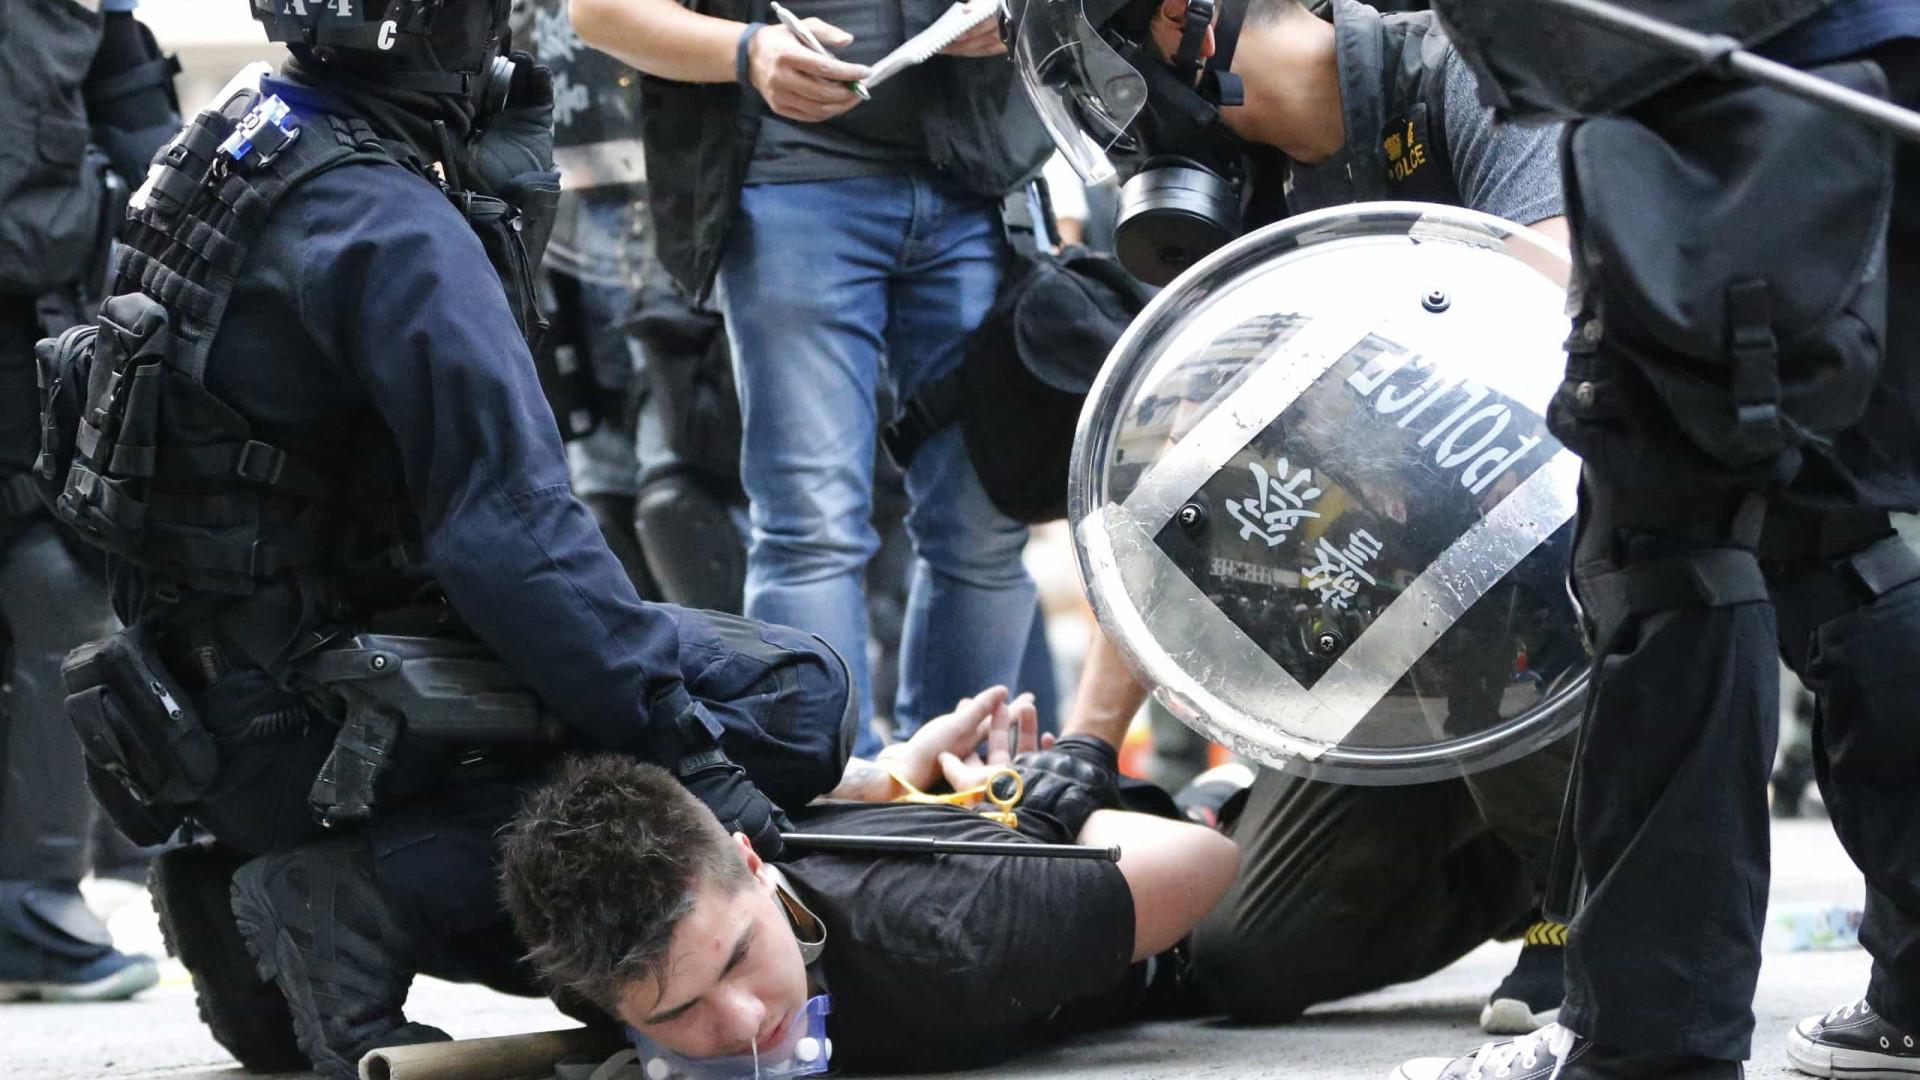 Novos confrontos em Hong Kong durante manifestação não autorizada